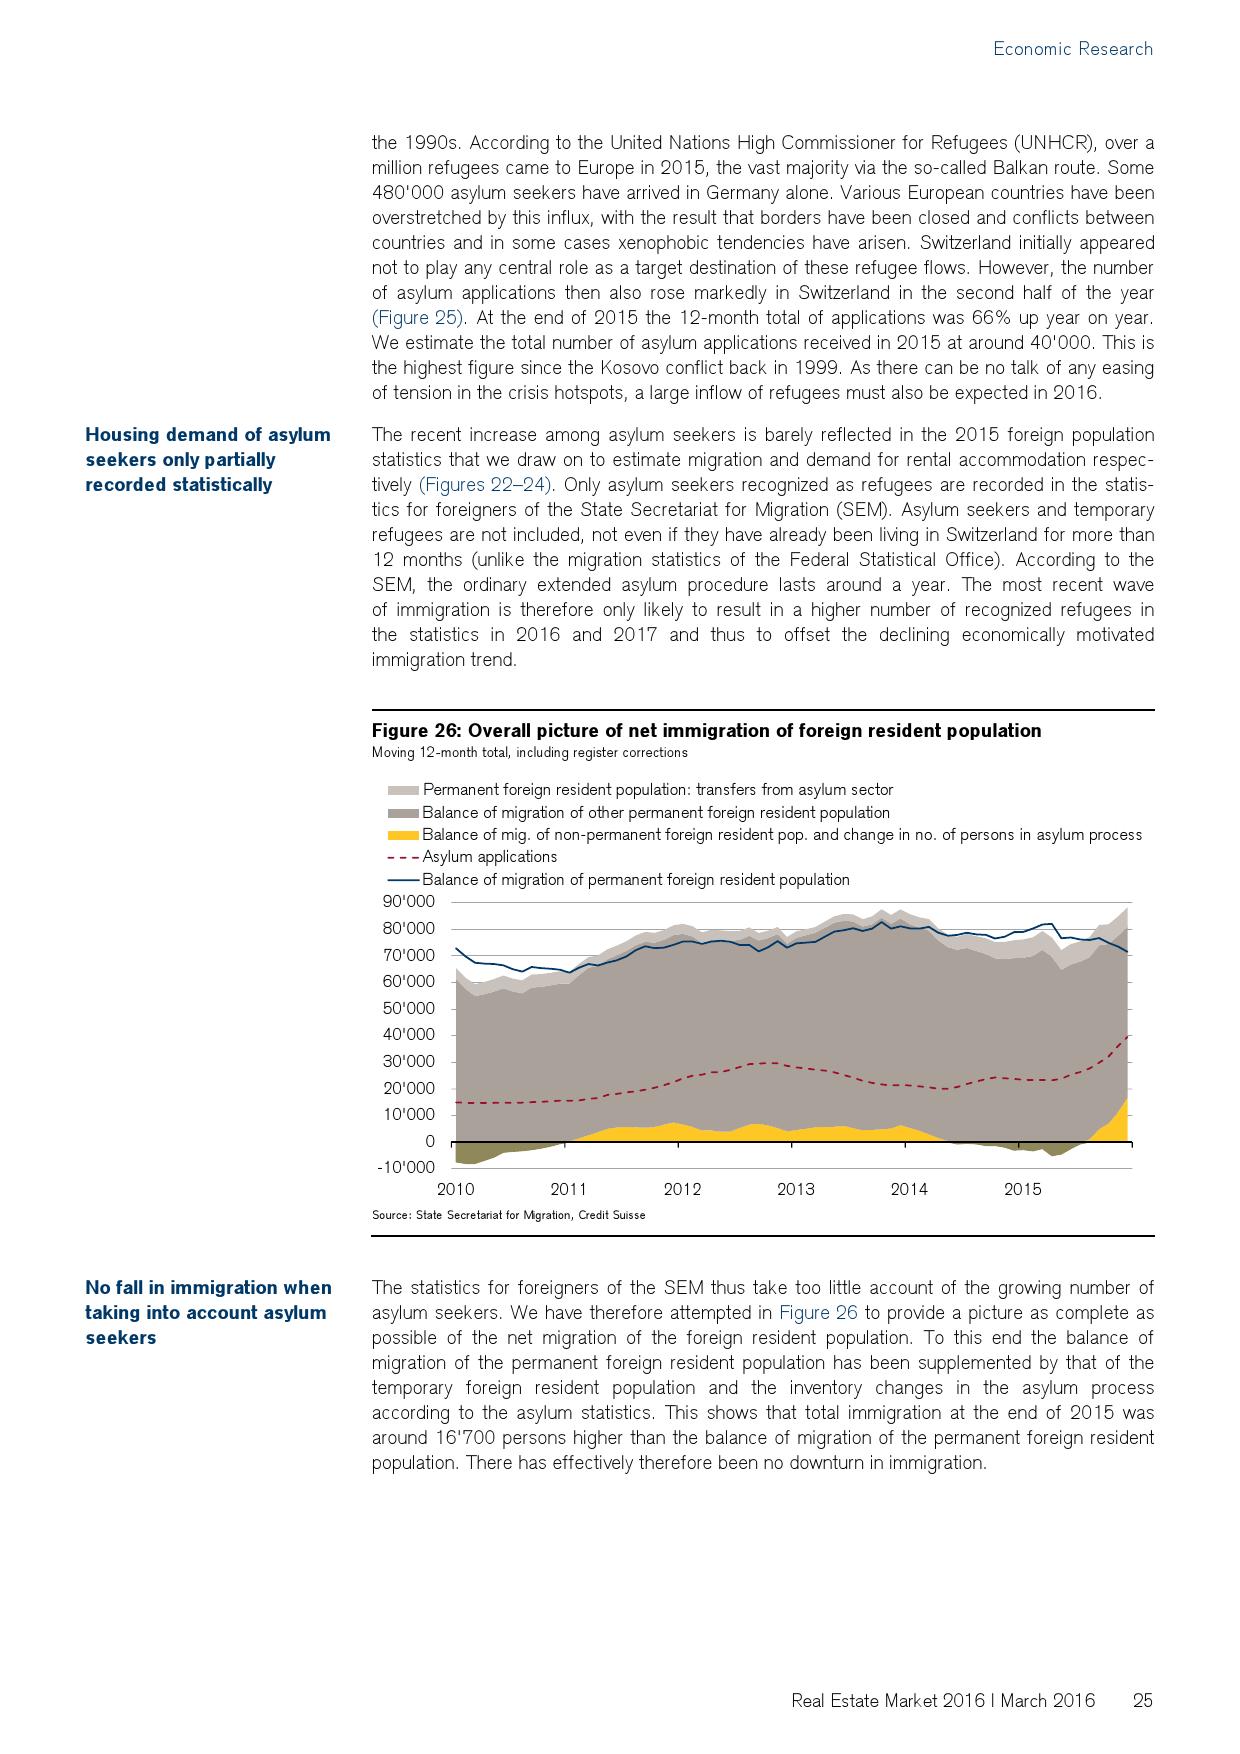 2016年瑞士房地产市场研究报告_000025